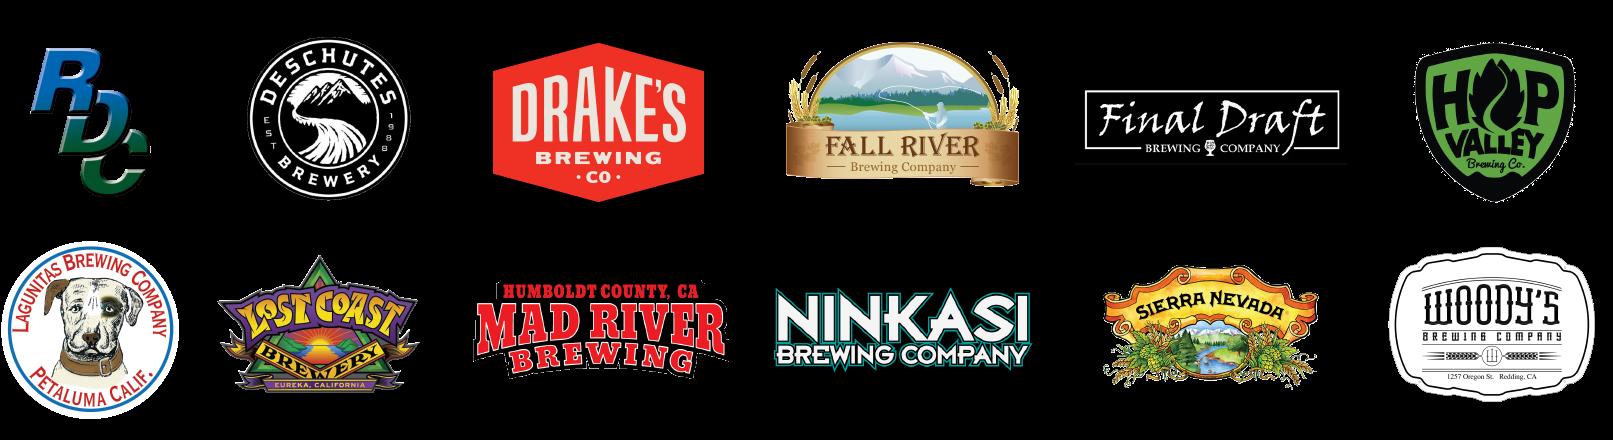 beer logos 2.png